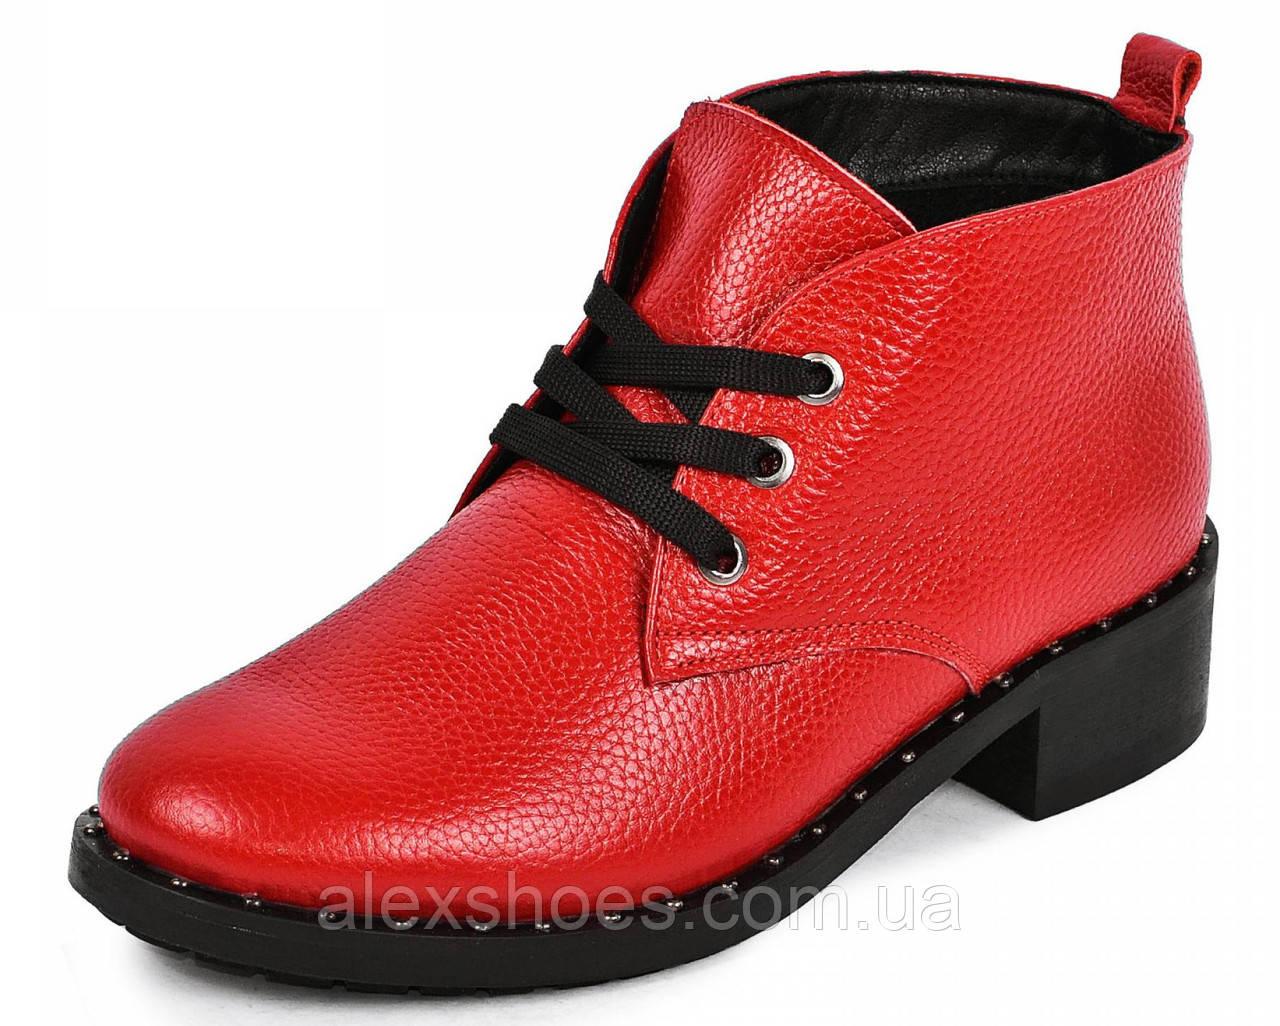 Ботинки женские демисезонные из натуральной кожи на низком каблуке от производителя модель МАК2070